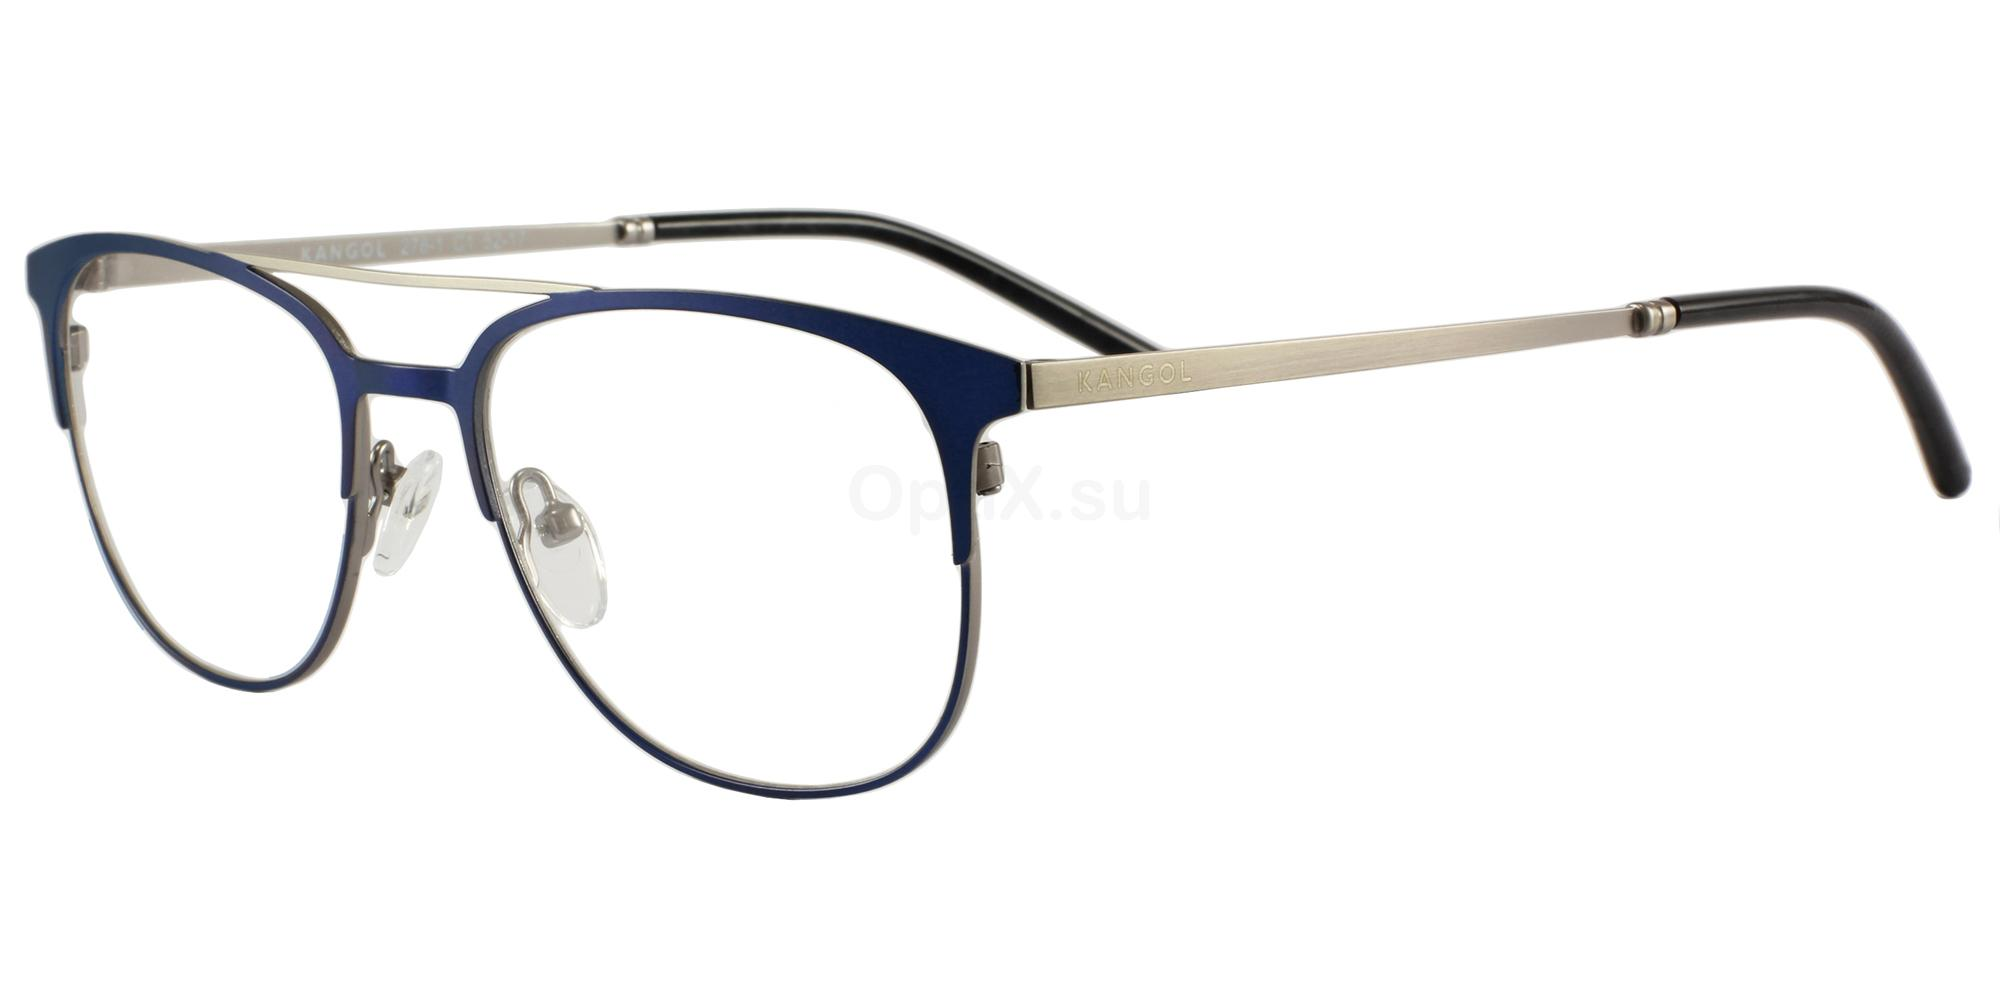 C1 278 Glasses, Kangol